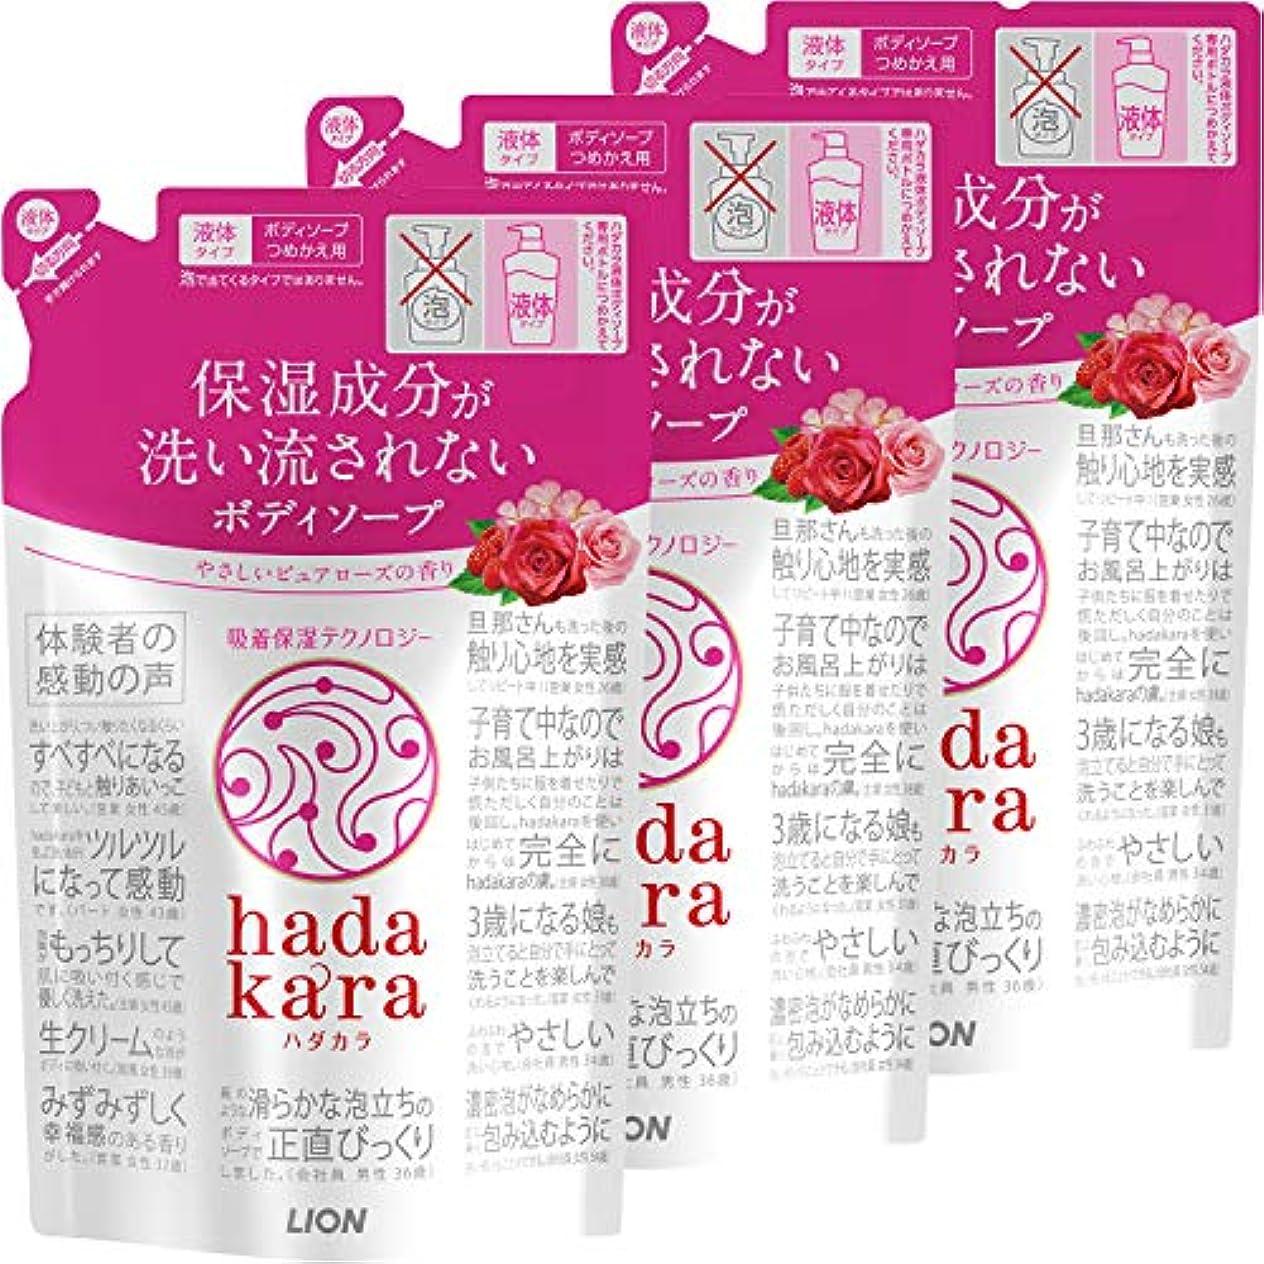 短くするパワー期待hadakara(ハダカラ) ボディソープ ピュアローズの香り つめかえ360ml×3個 詰替え用